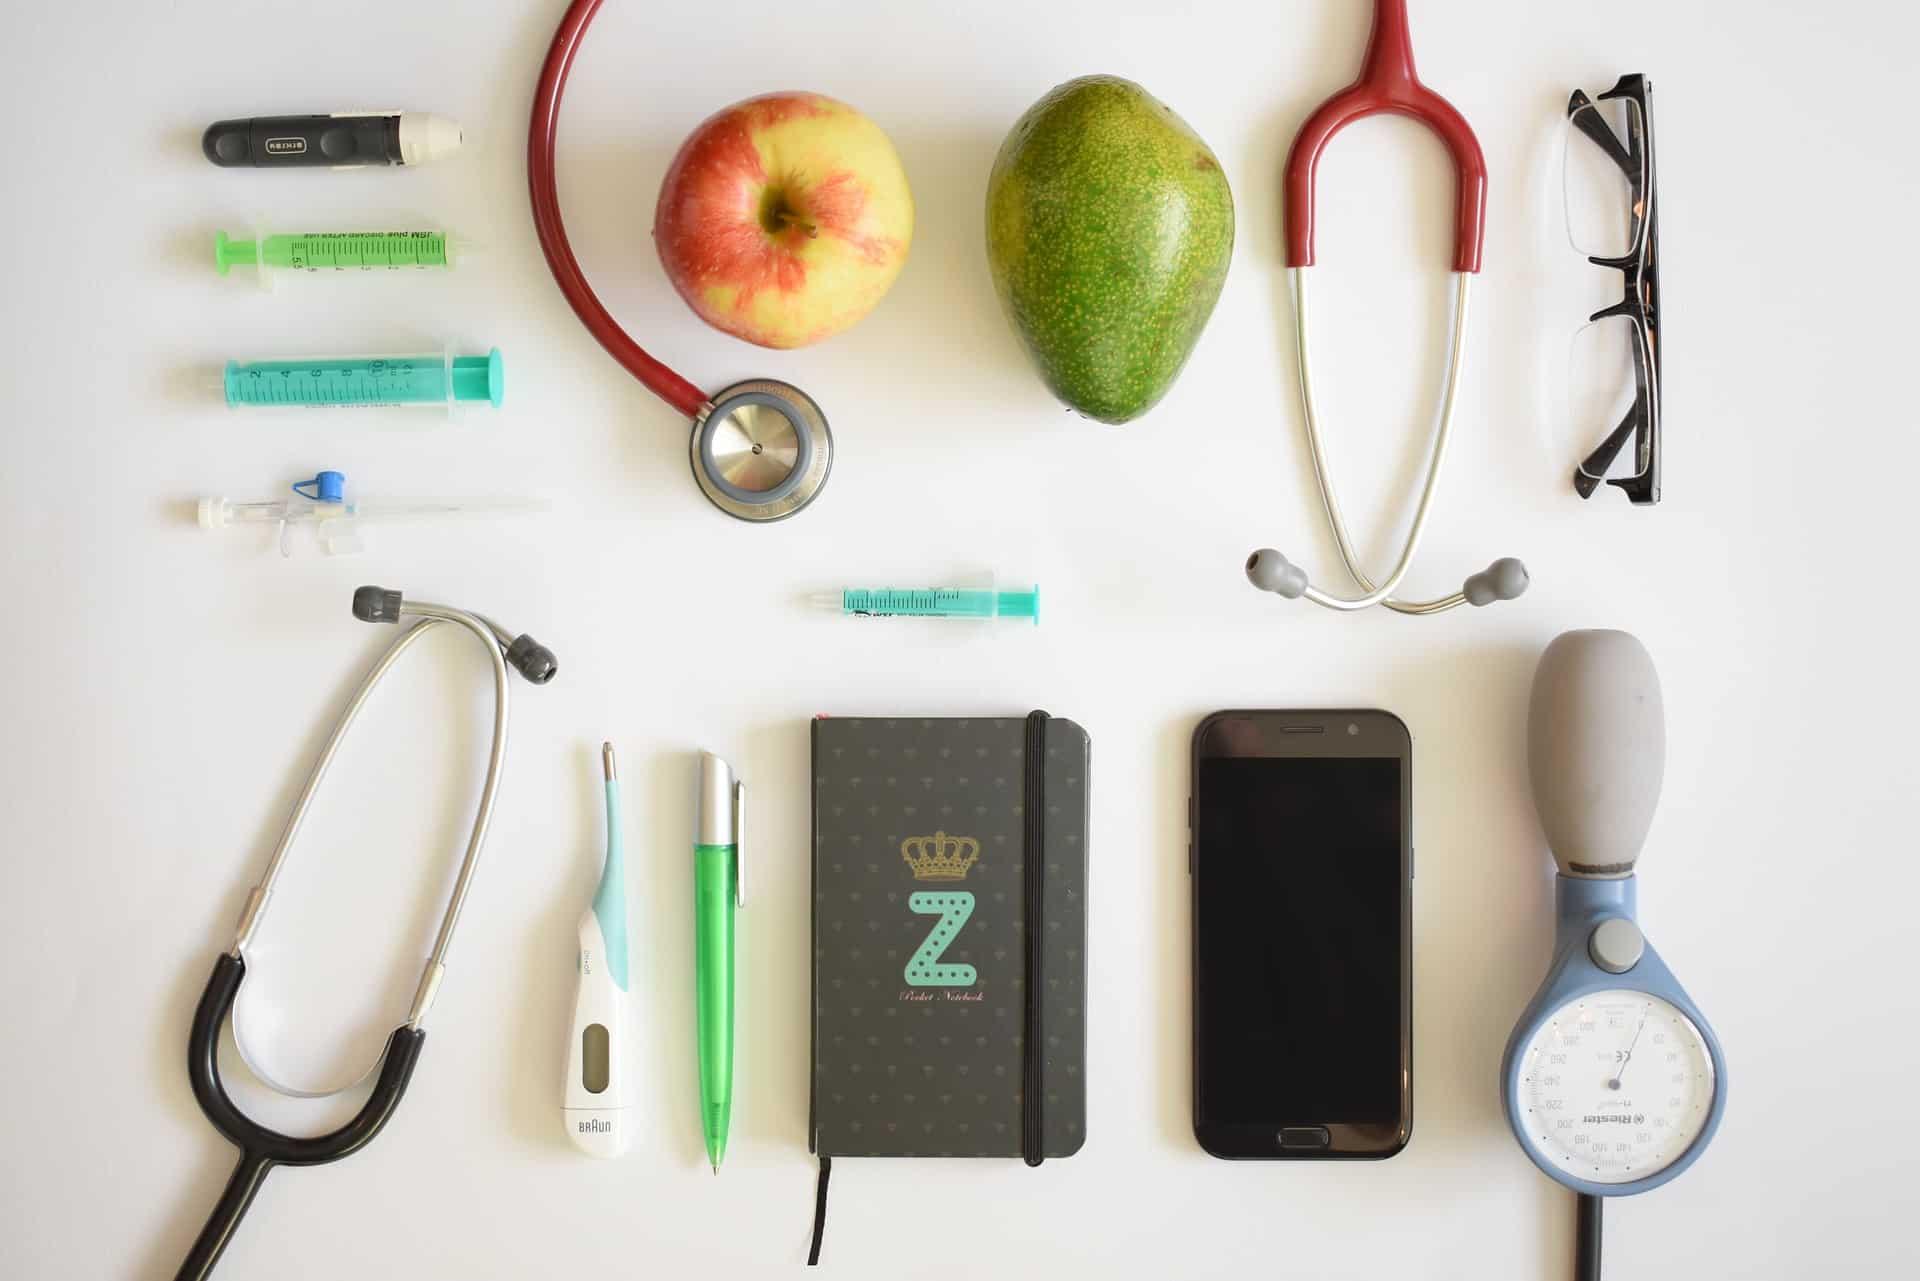 szildenafil magas vérnyomás kezelésére